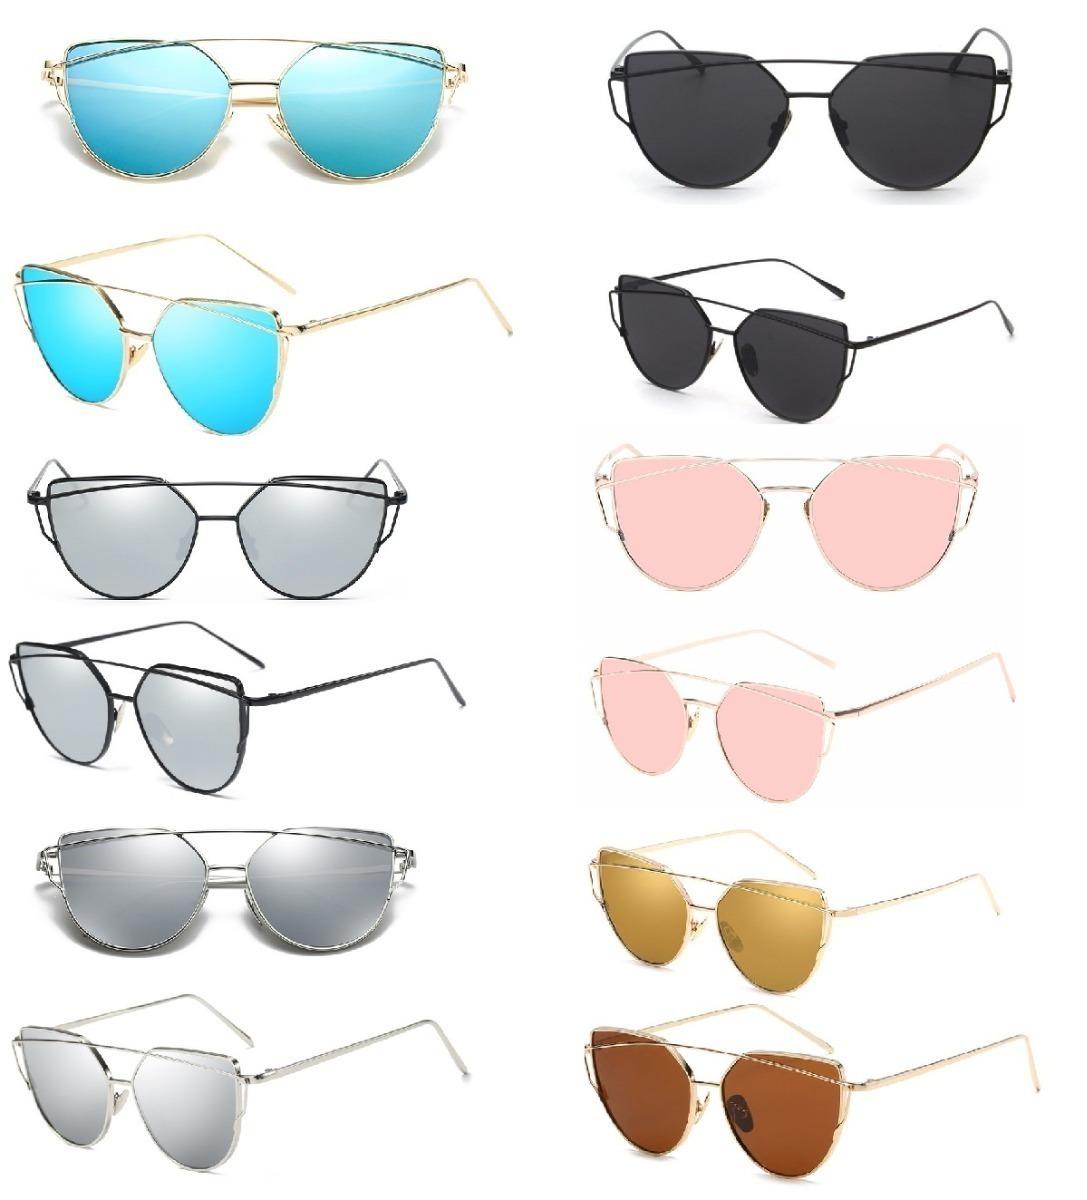 kit 4 óculos de sol feminino atacado starlight lindos top. Carregando zoom. c4d8f5c2d5